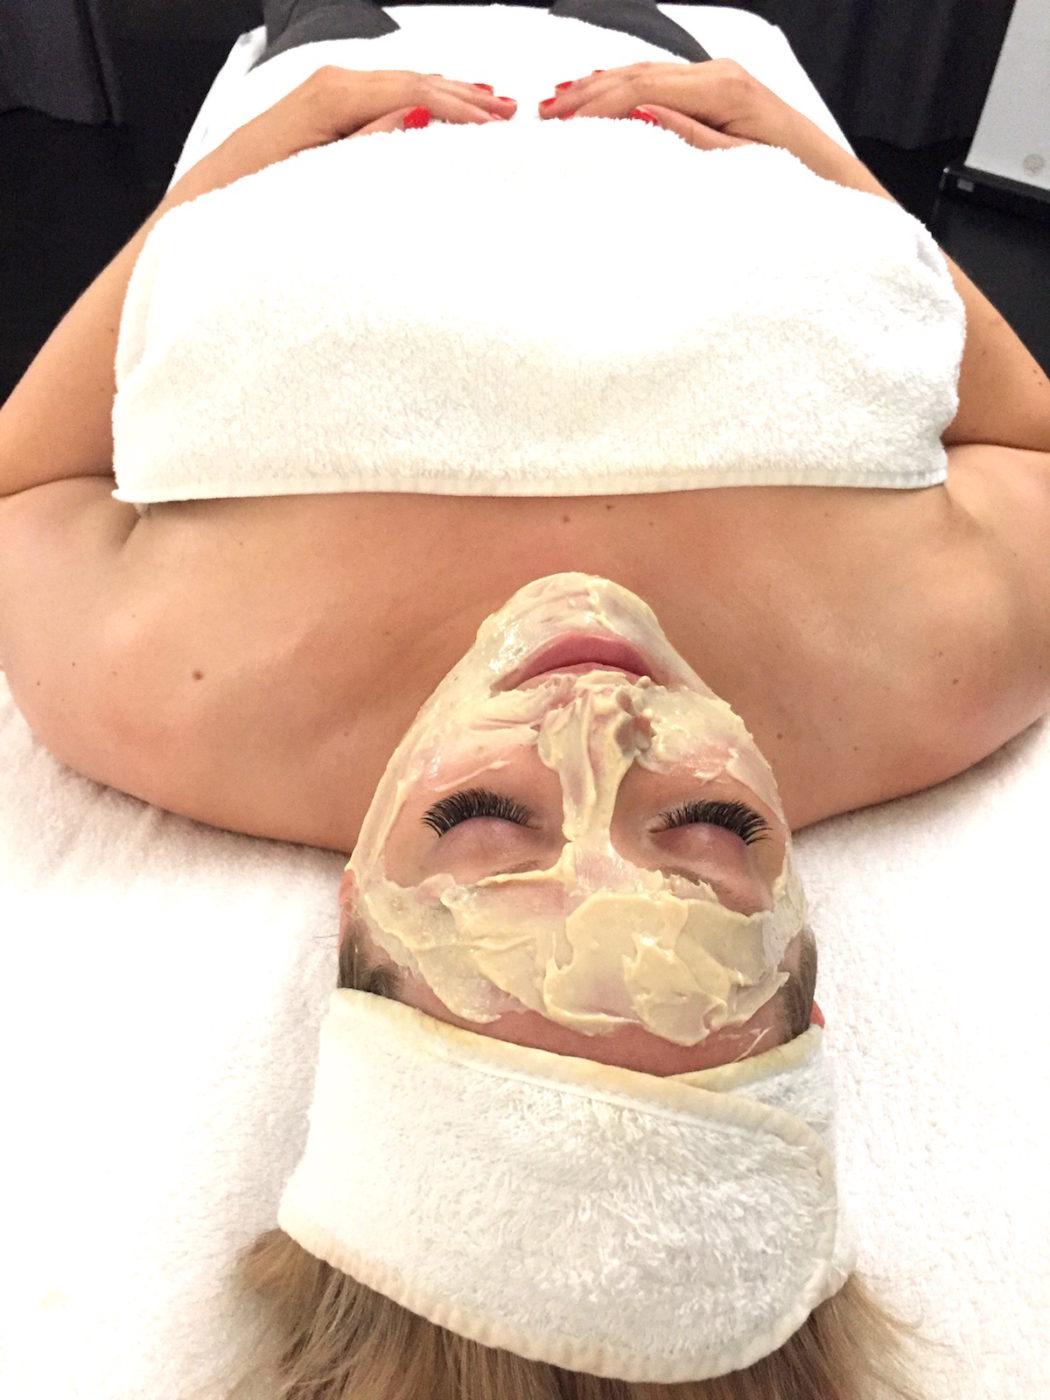 sommarfräsch med ansiktsbehandling av Medik8